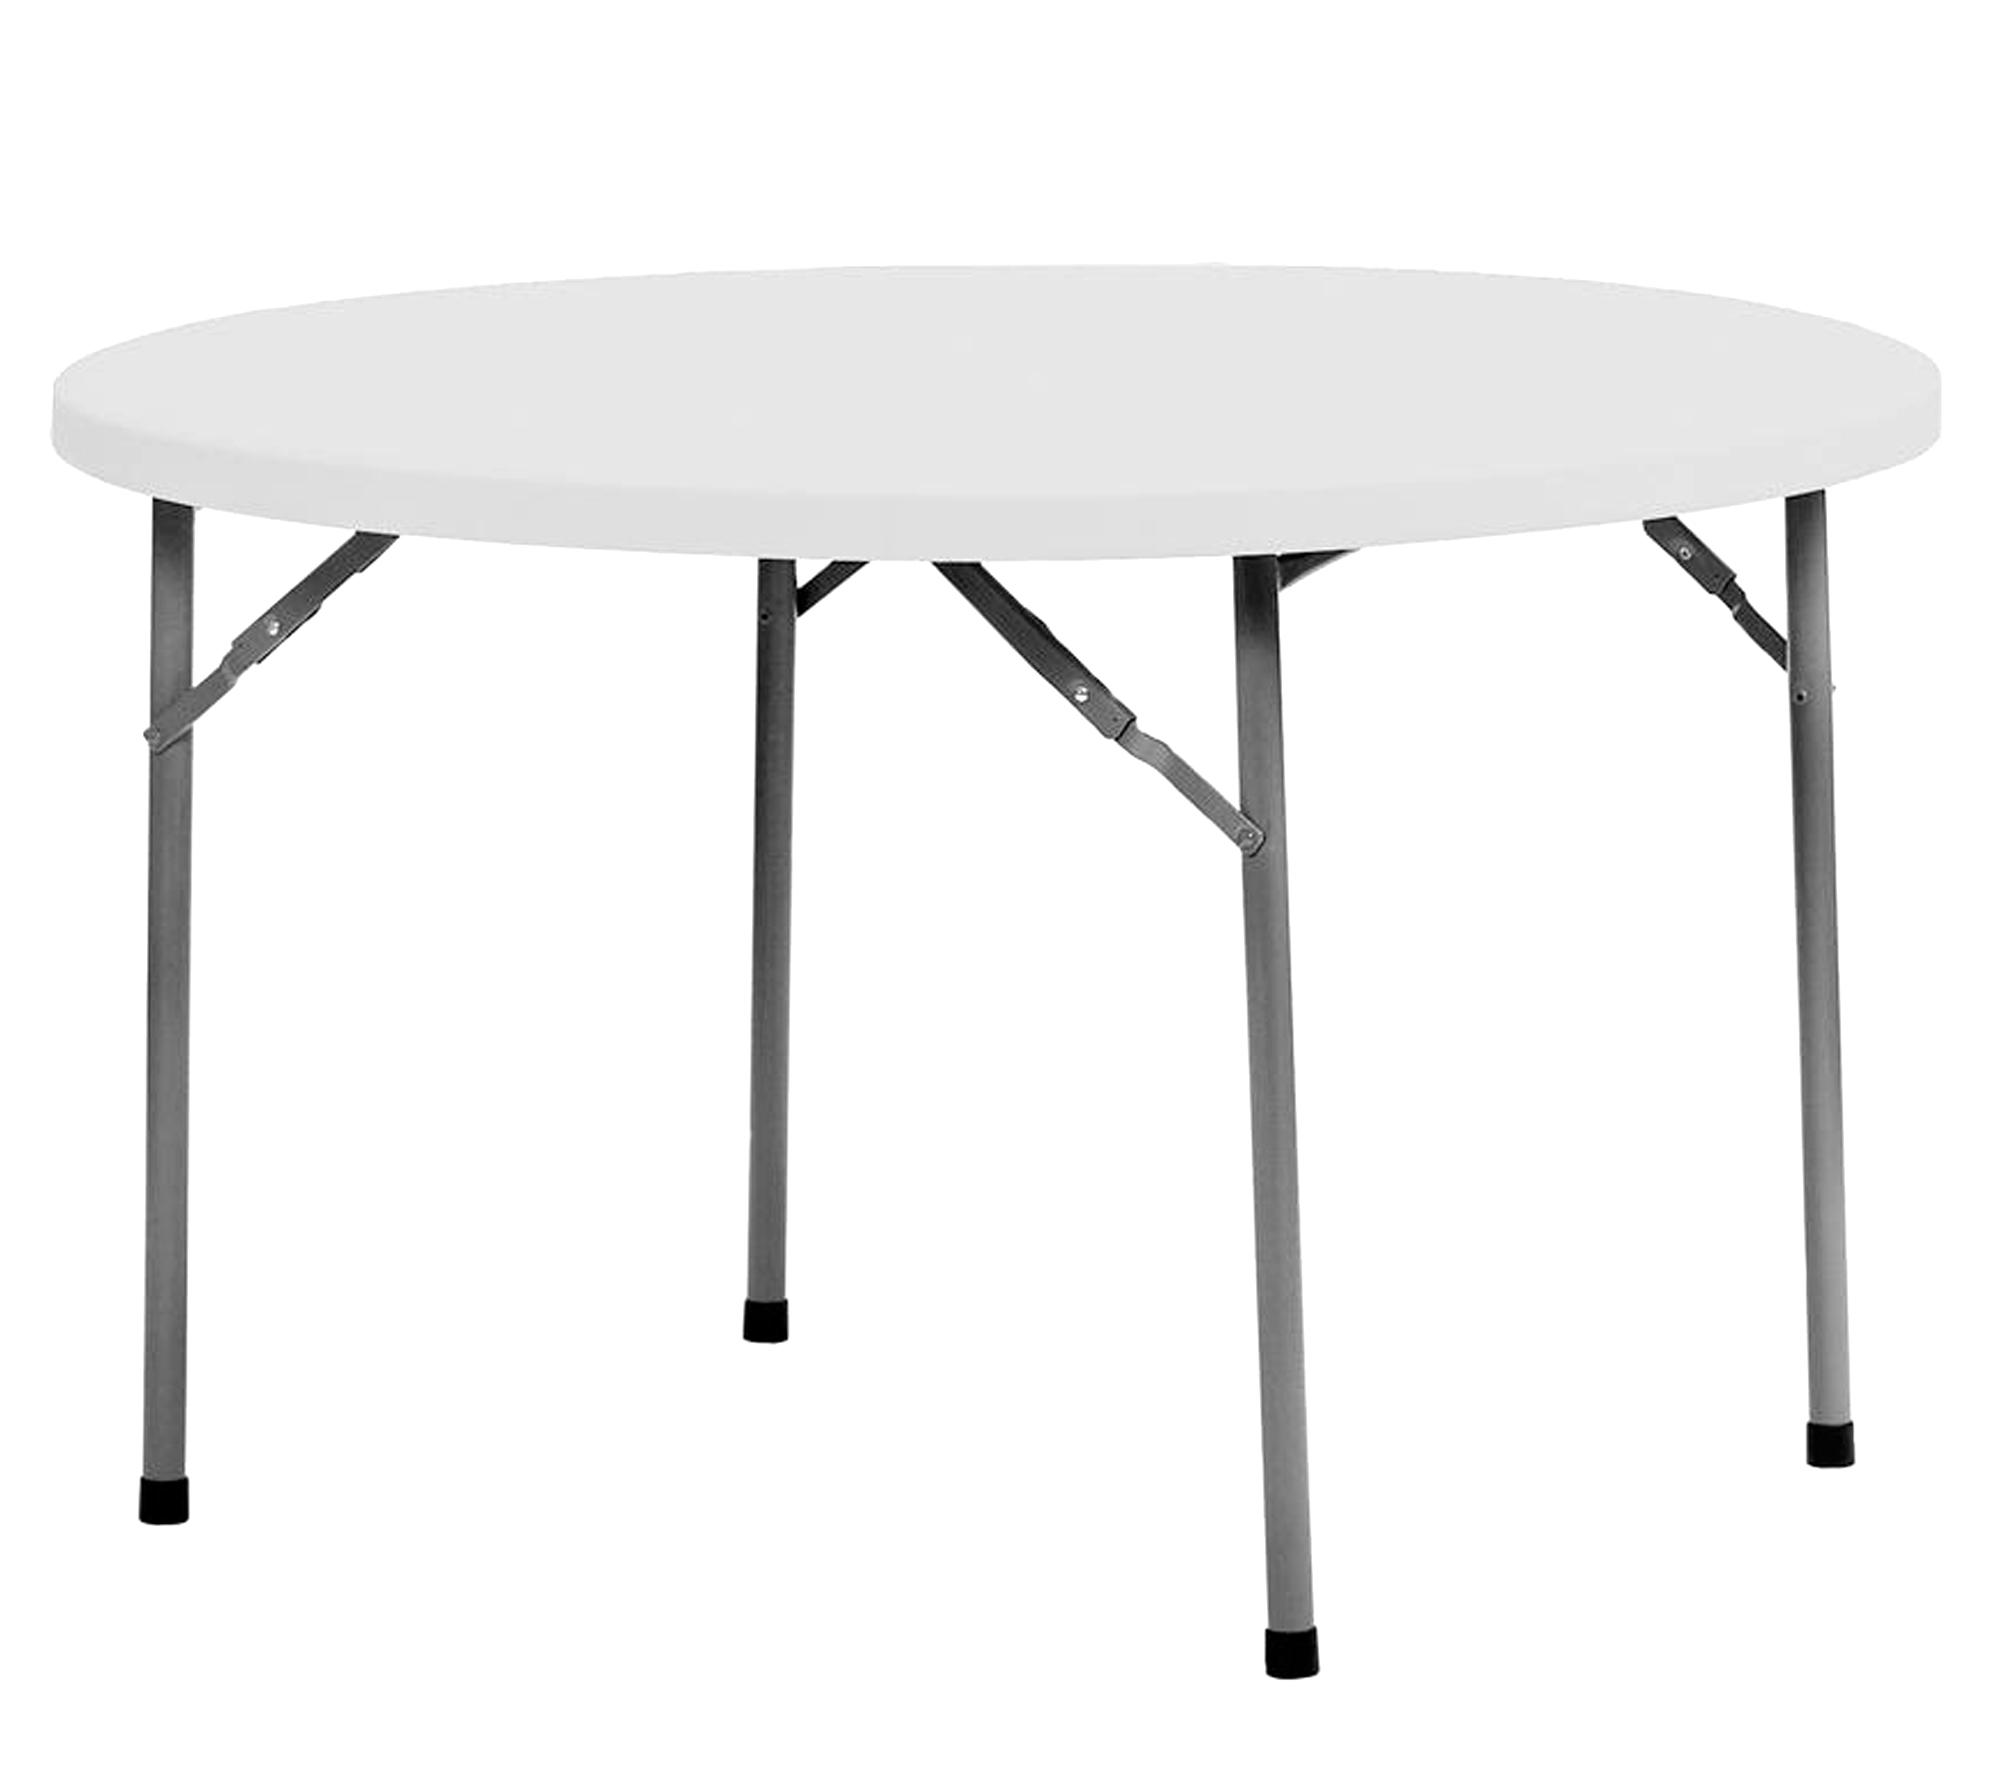 plast bord Rundt bord i plast ø160 plast bord